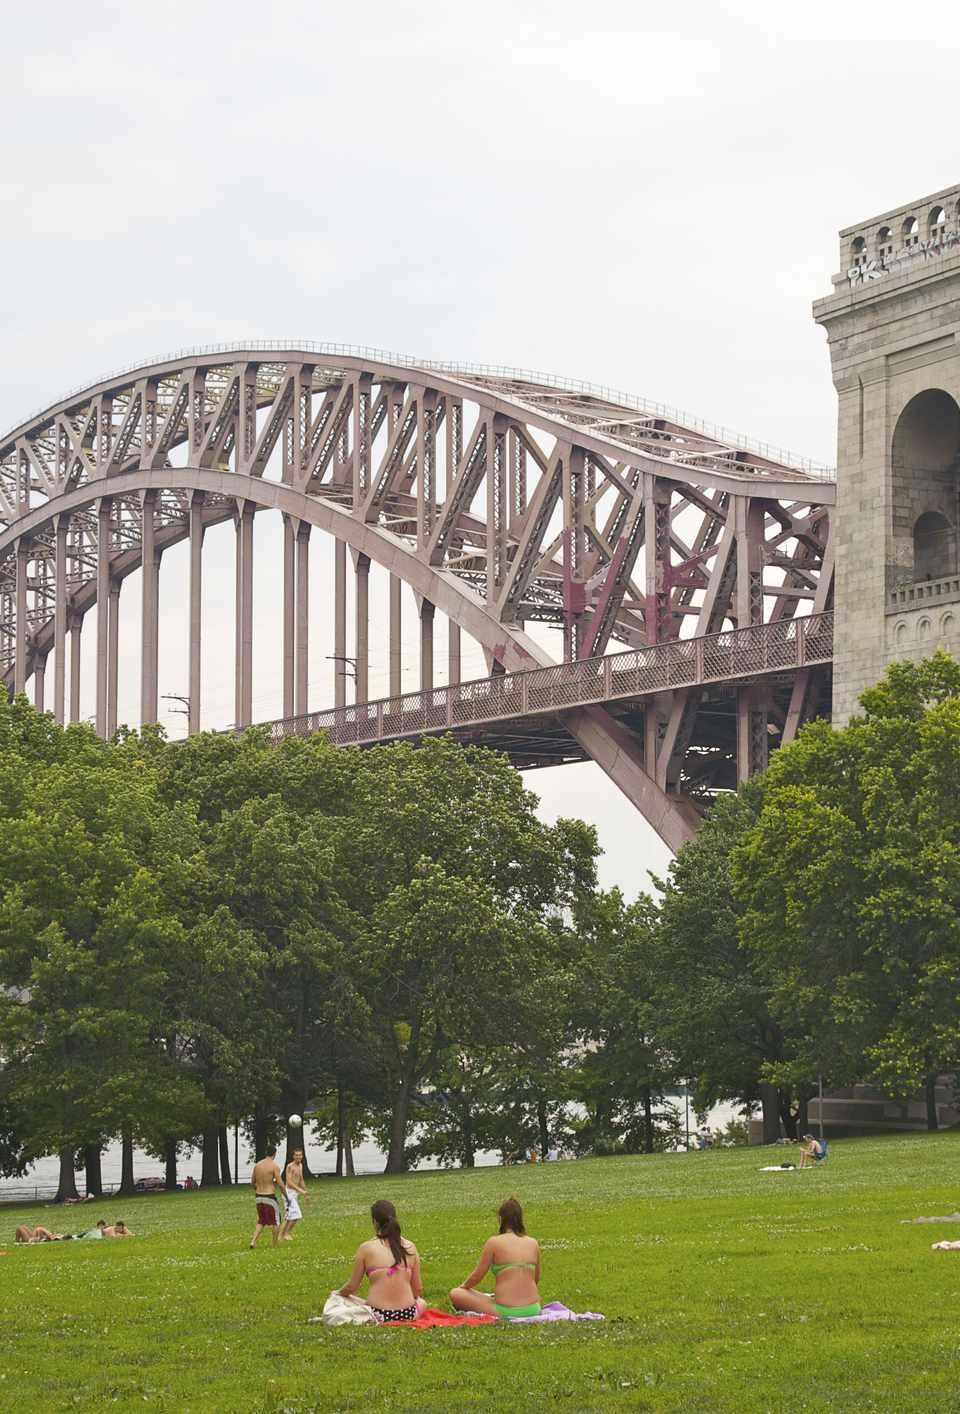 People in Astoria Park beneath Hell Gate Bridge, Astoria, Queens, NY